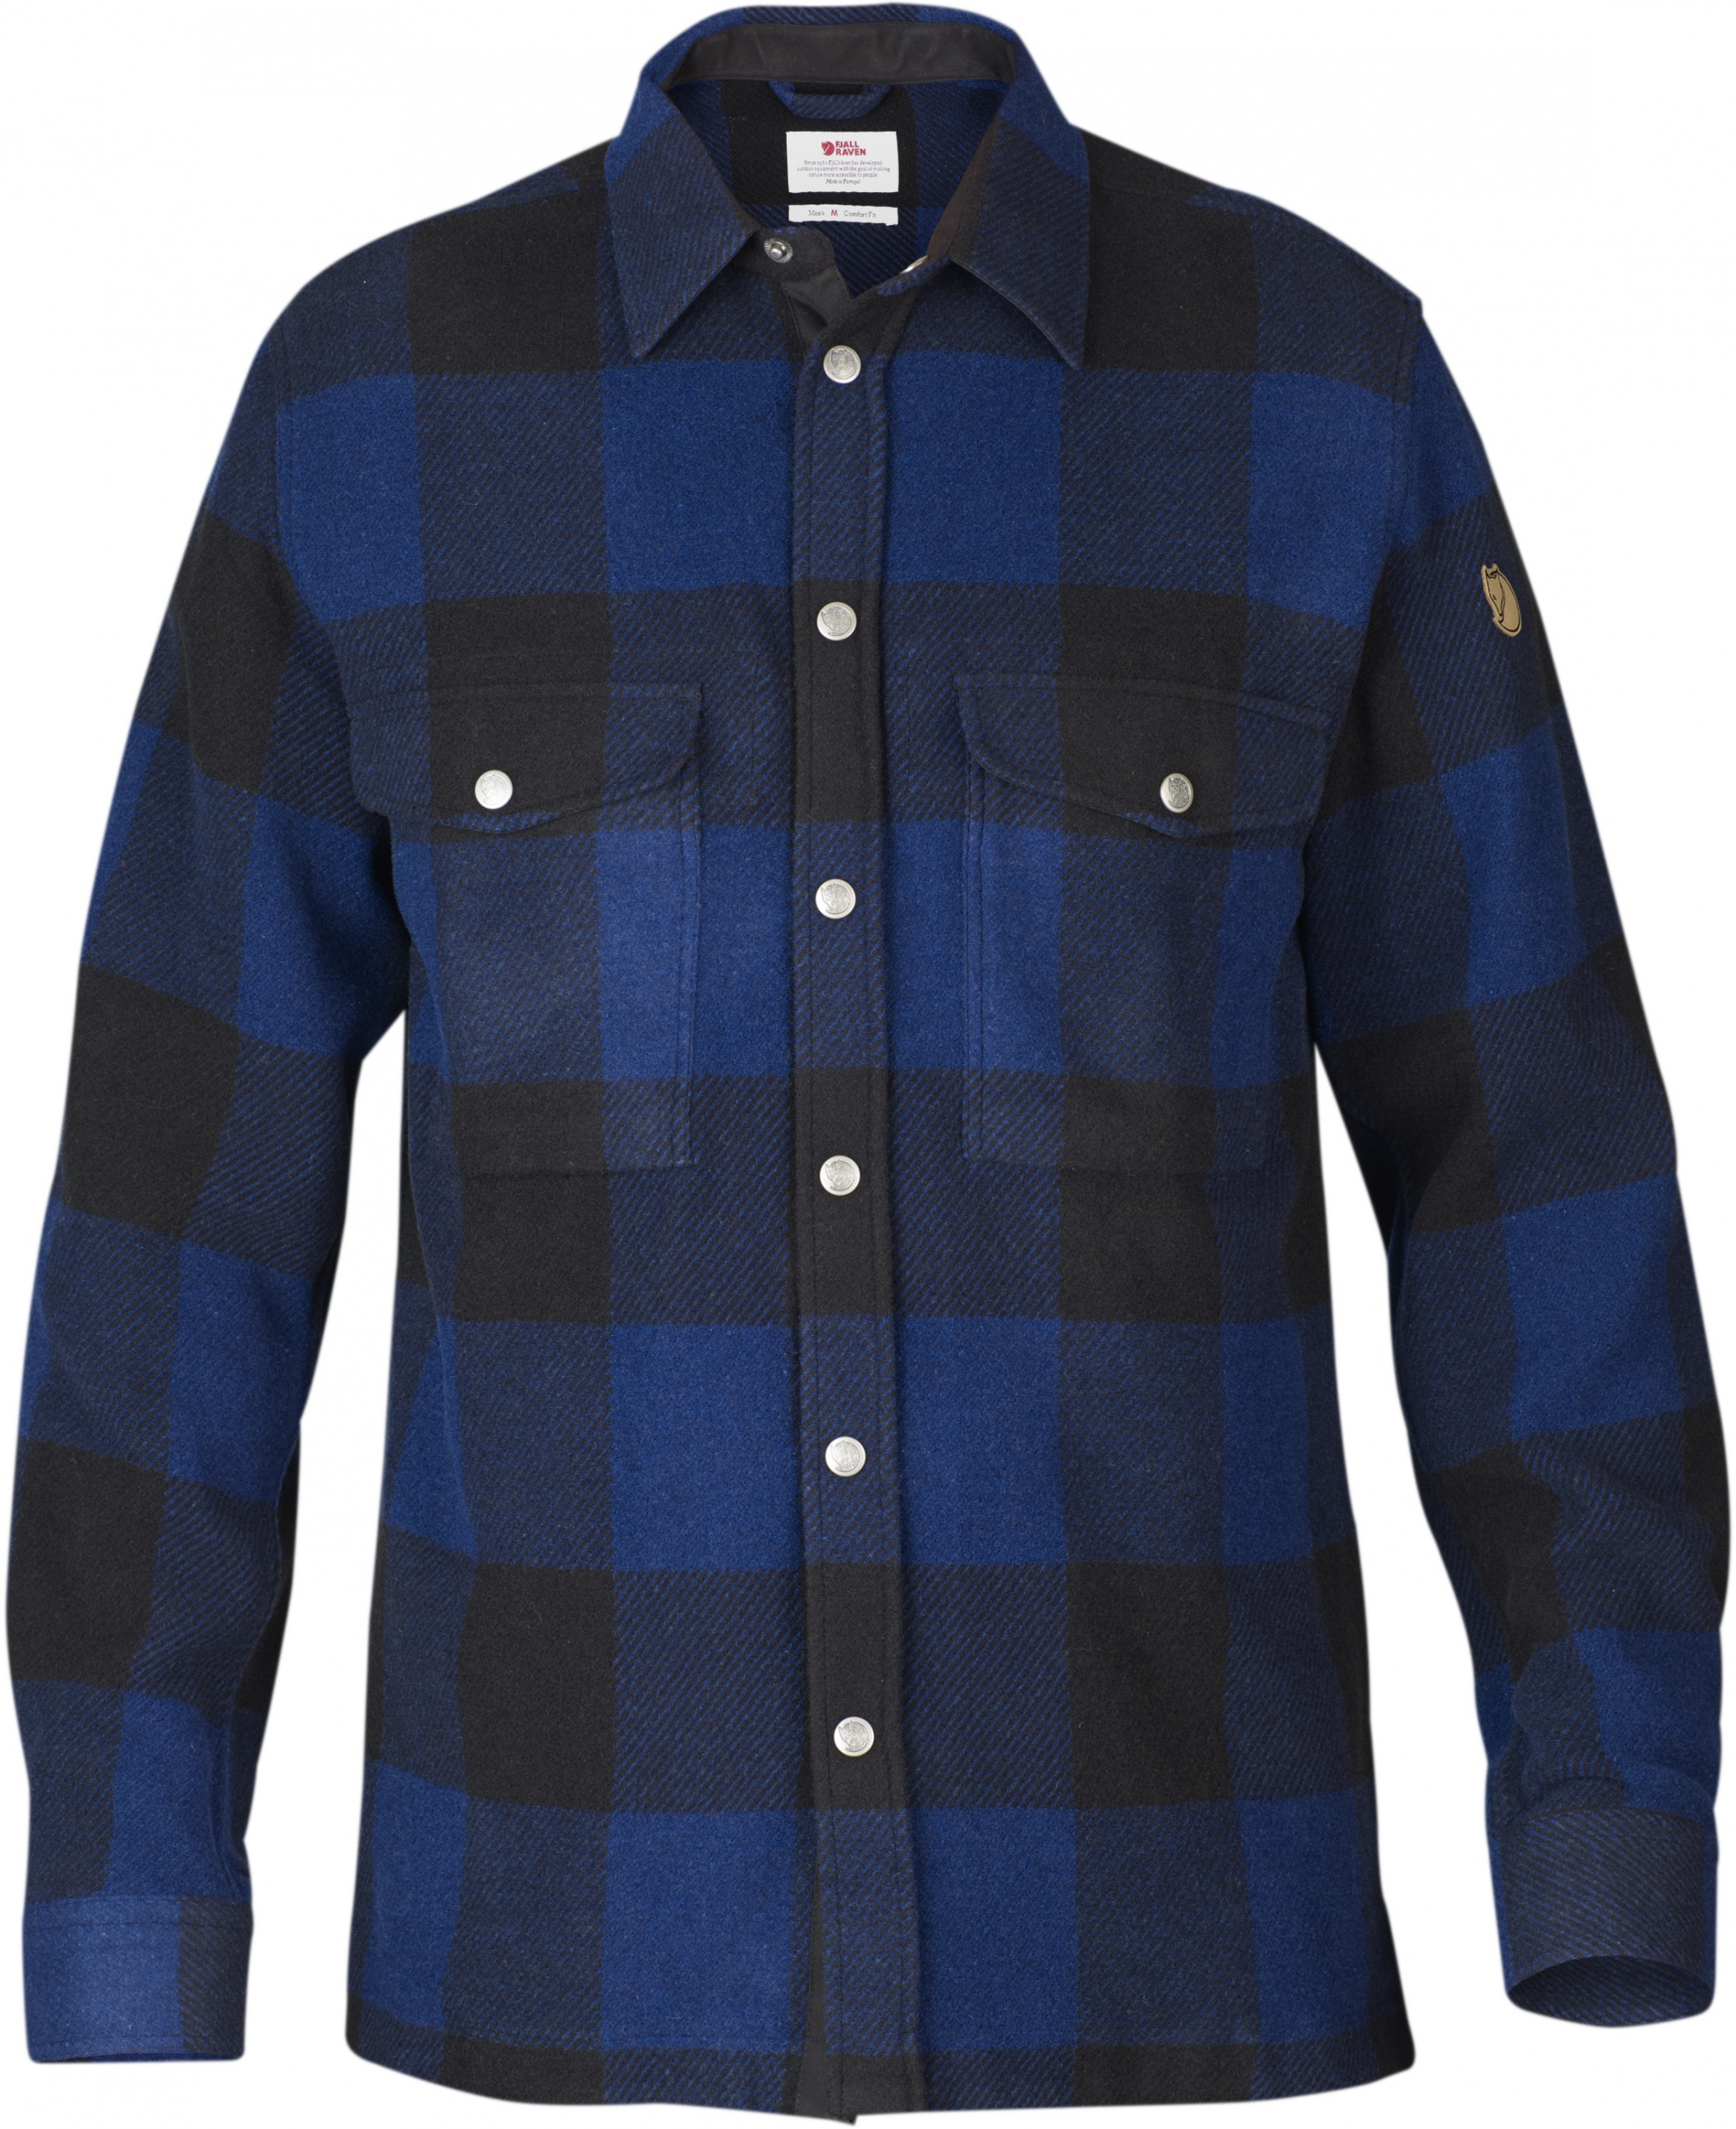 Fjällräven Canada Skjorte Blå